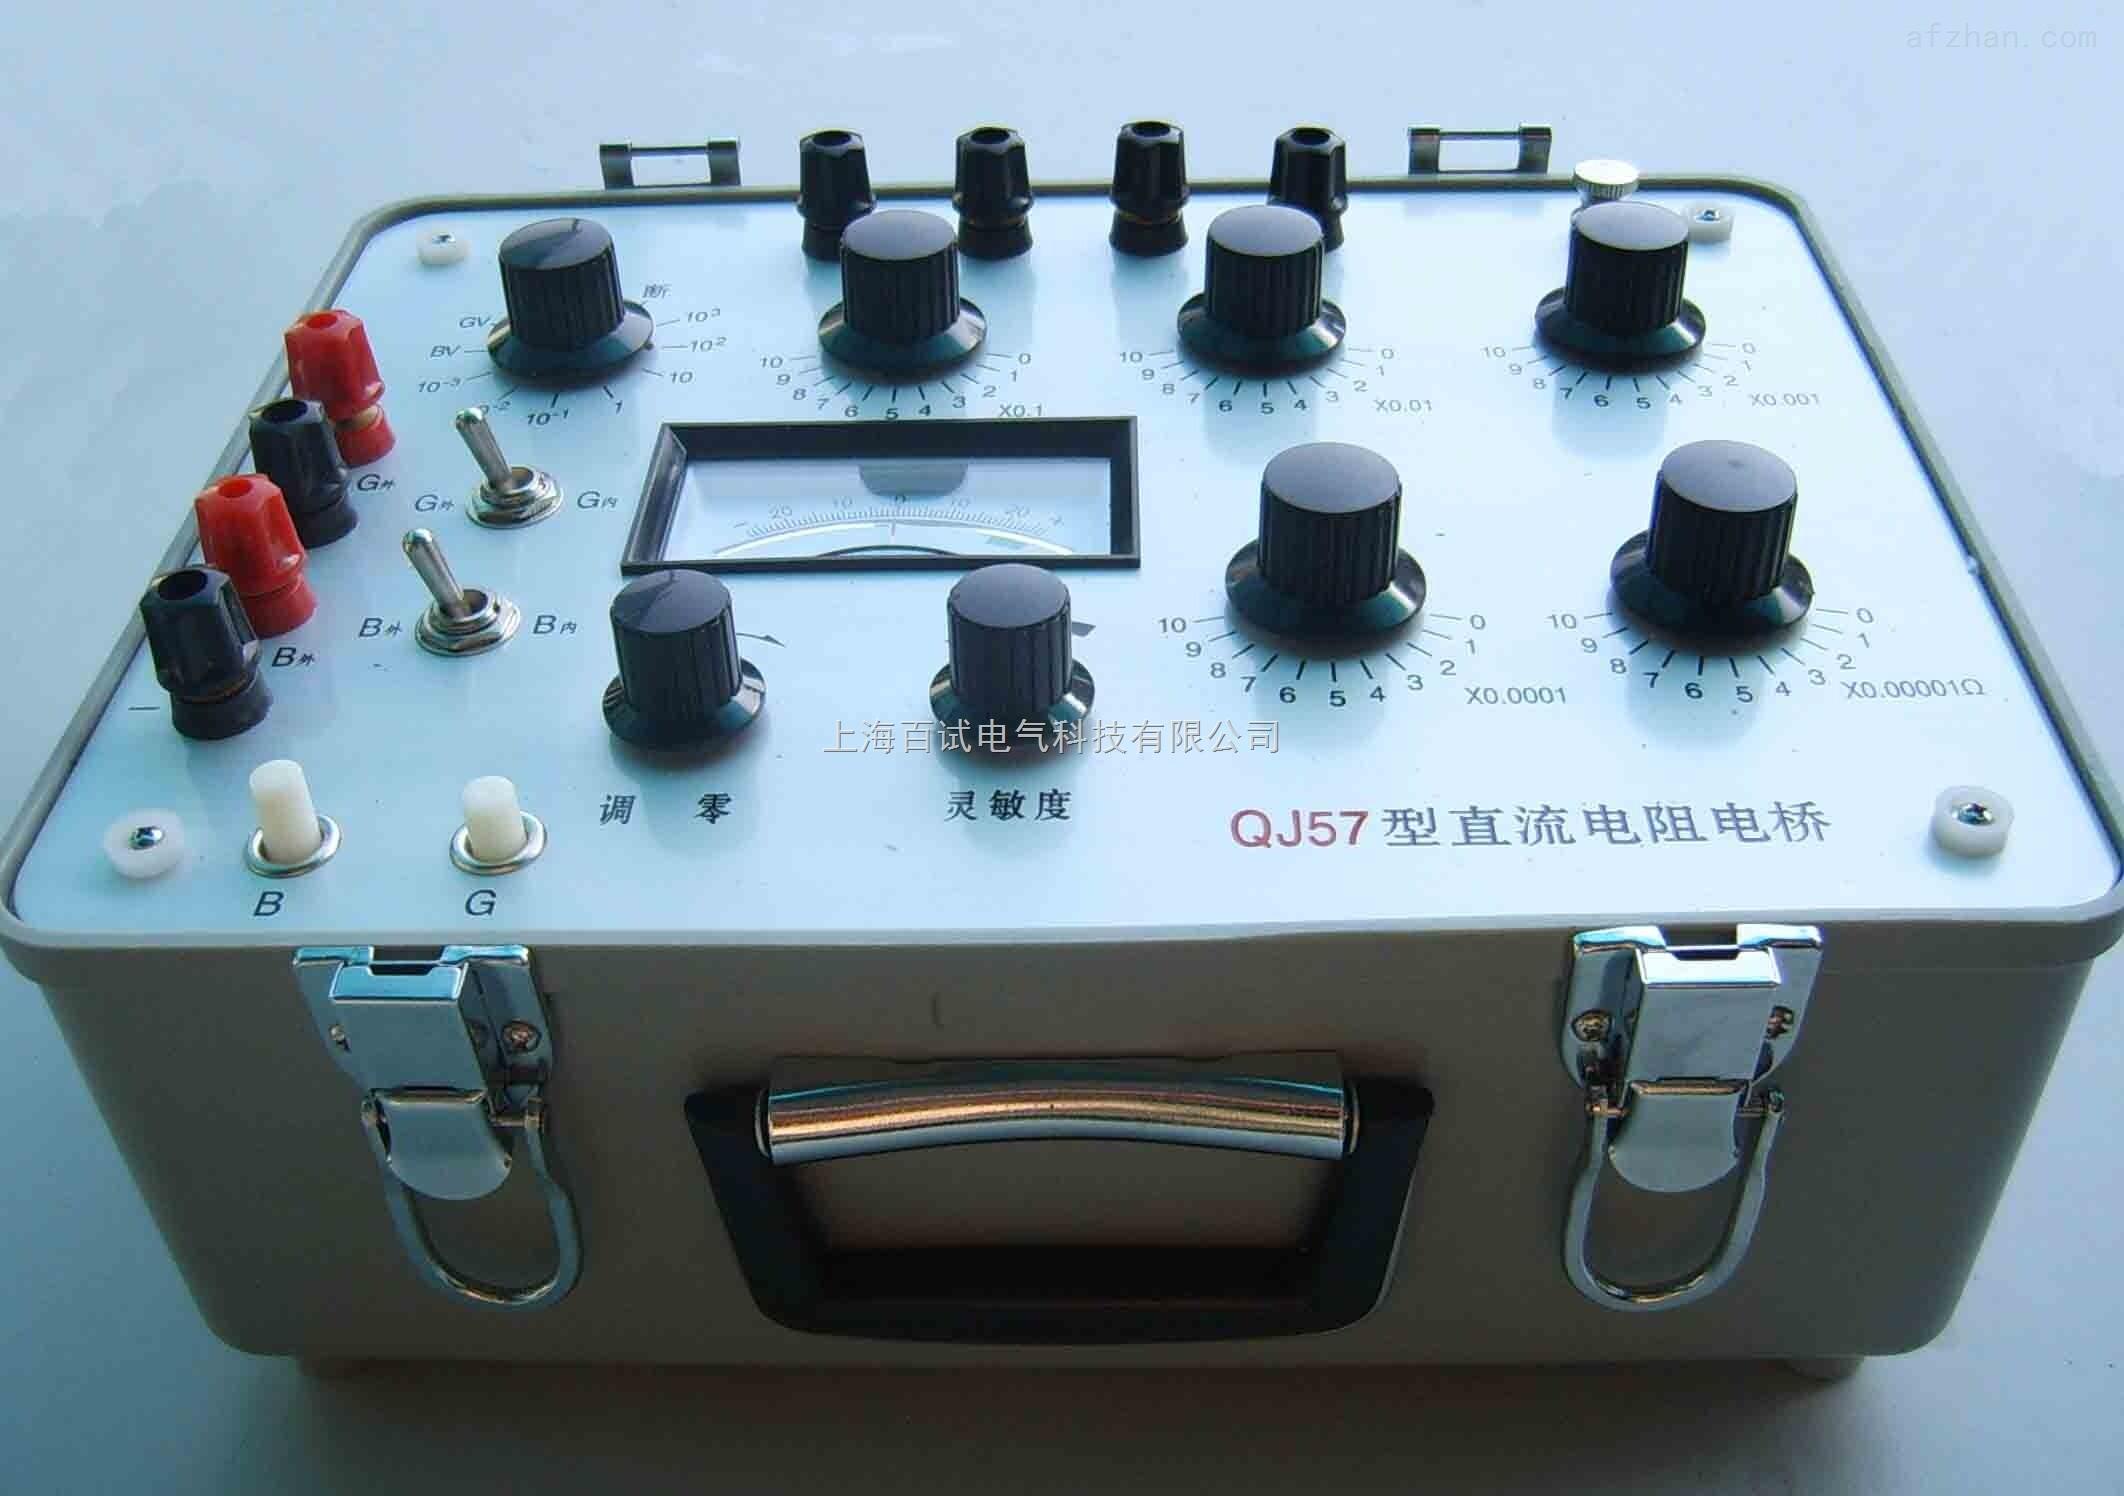 QJ57 直流电阻电桥 概述: 直流电阻电桥适合于工矿企业,科研单位的实验室和车间现场乃至野外工地对各类低值直流电阻,如金属导体的电导率,直流分流电阻,开关被触电阻,线缆电阻以及各类电机,变压器绕组的直流电阻等等作精密测量。 QJ57 直流电阻电桥 用途: a. 对金属棒、板料或电缆、导线等电阻率测定。 b.